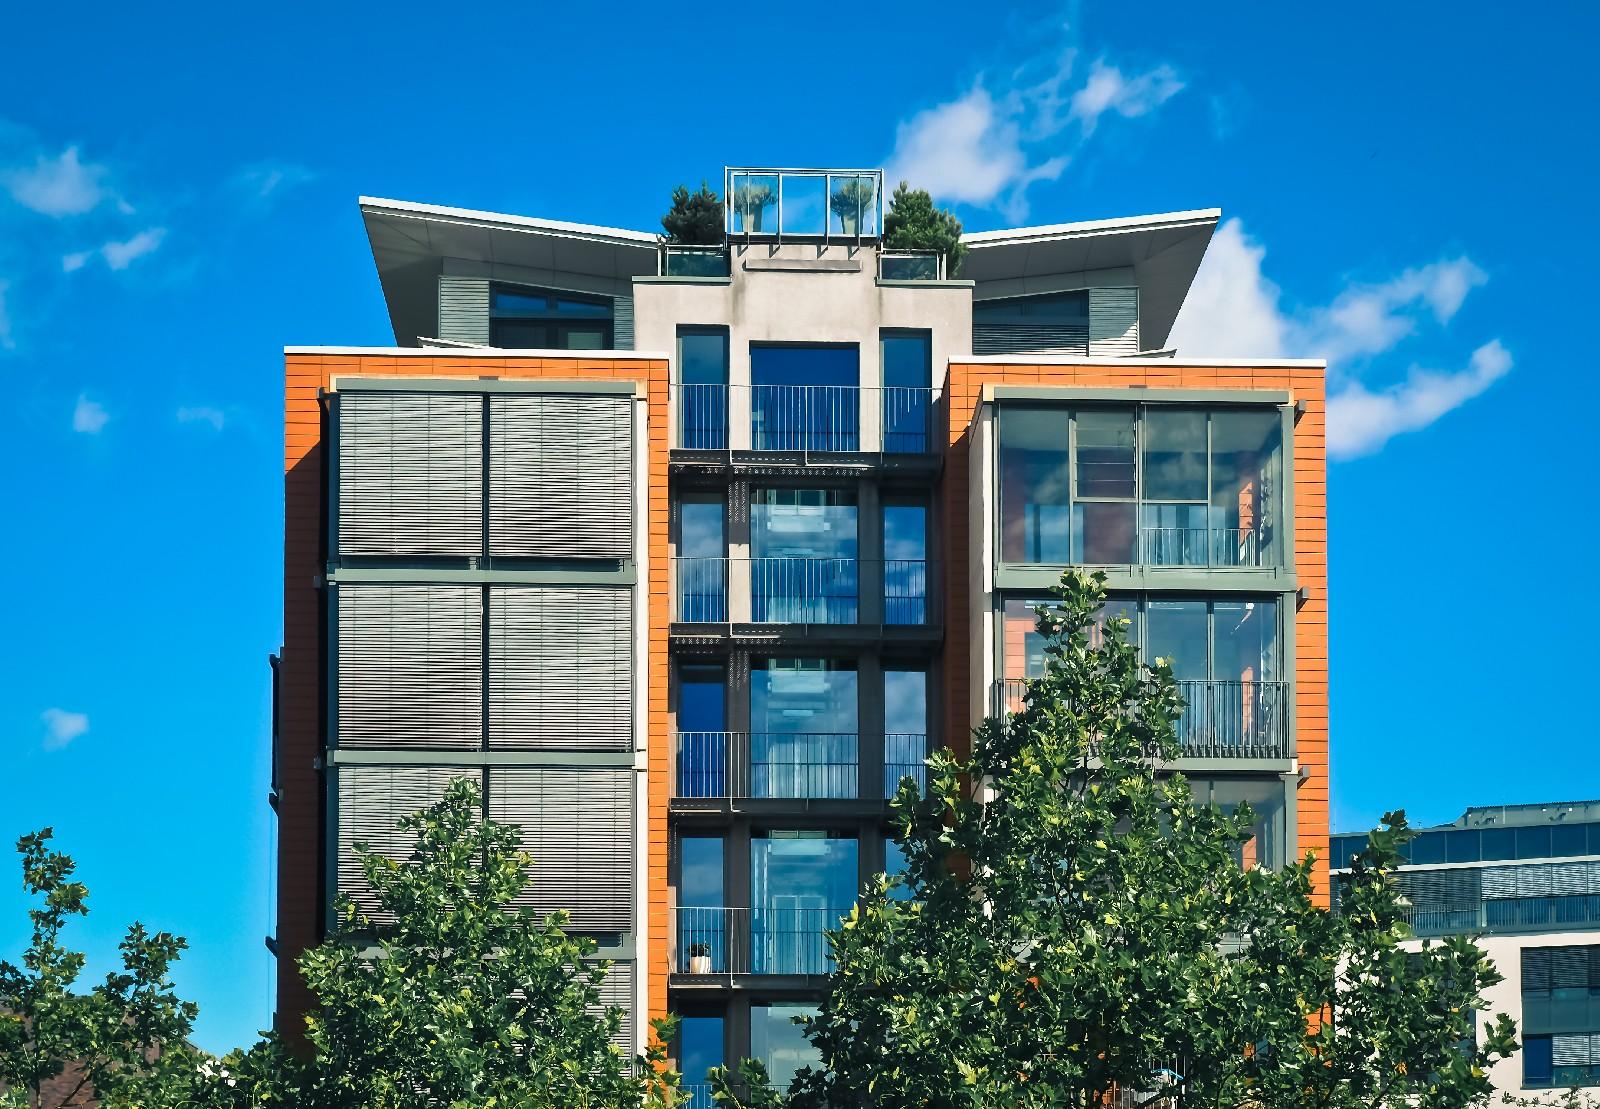 O co spytać dewelopera przy zakupie mieszkania?